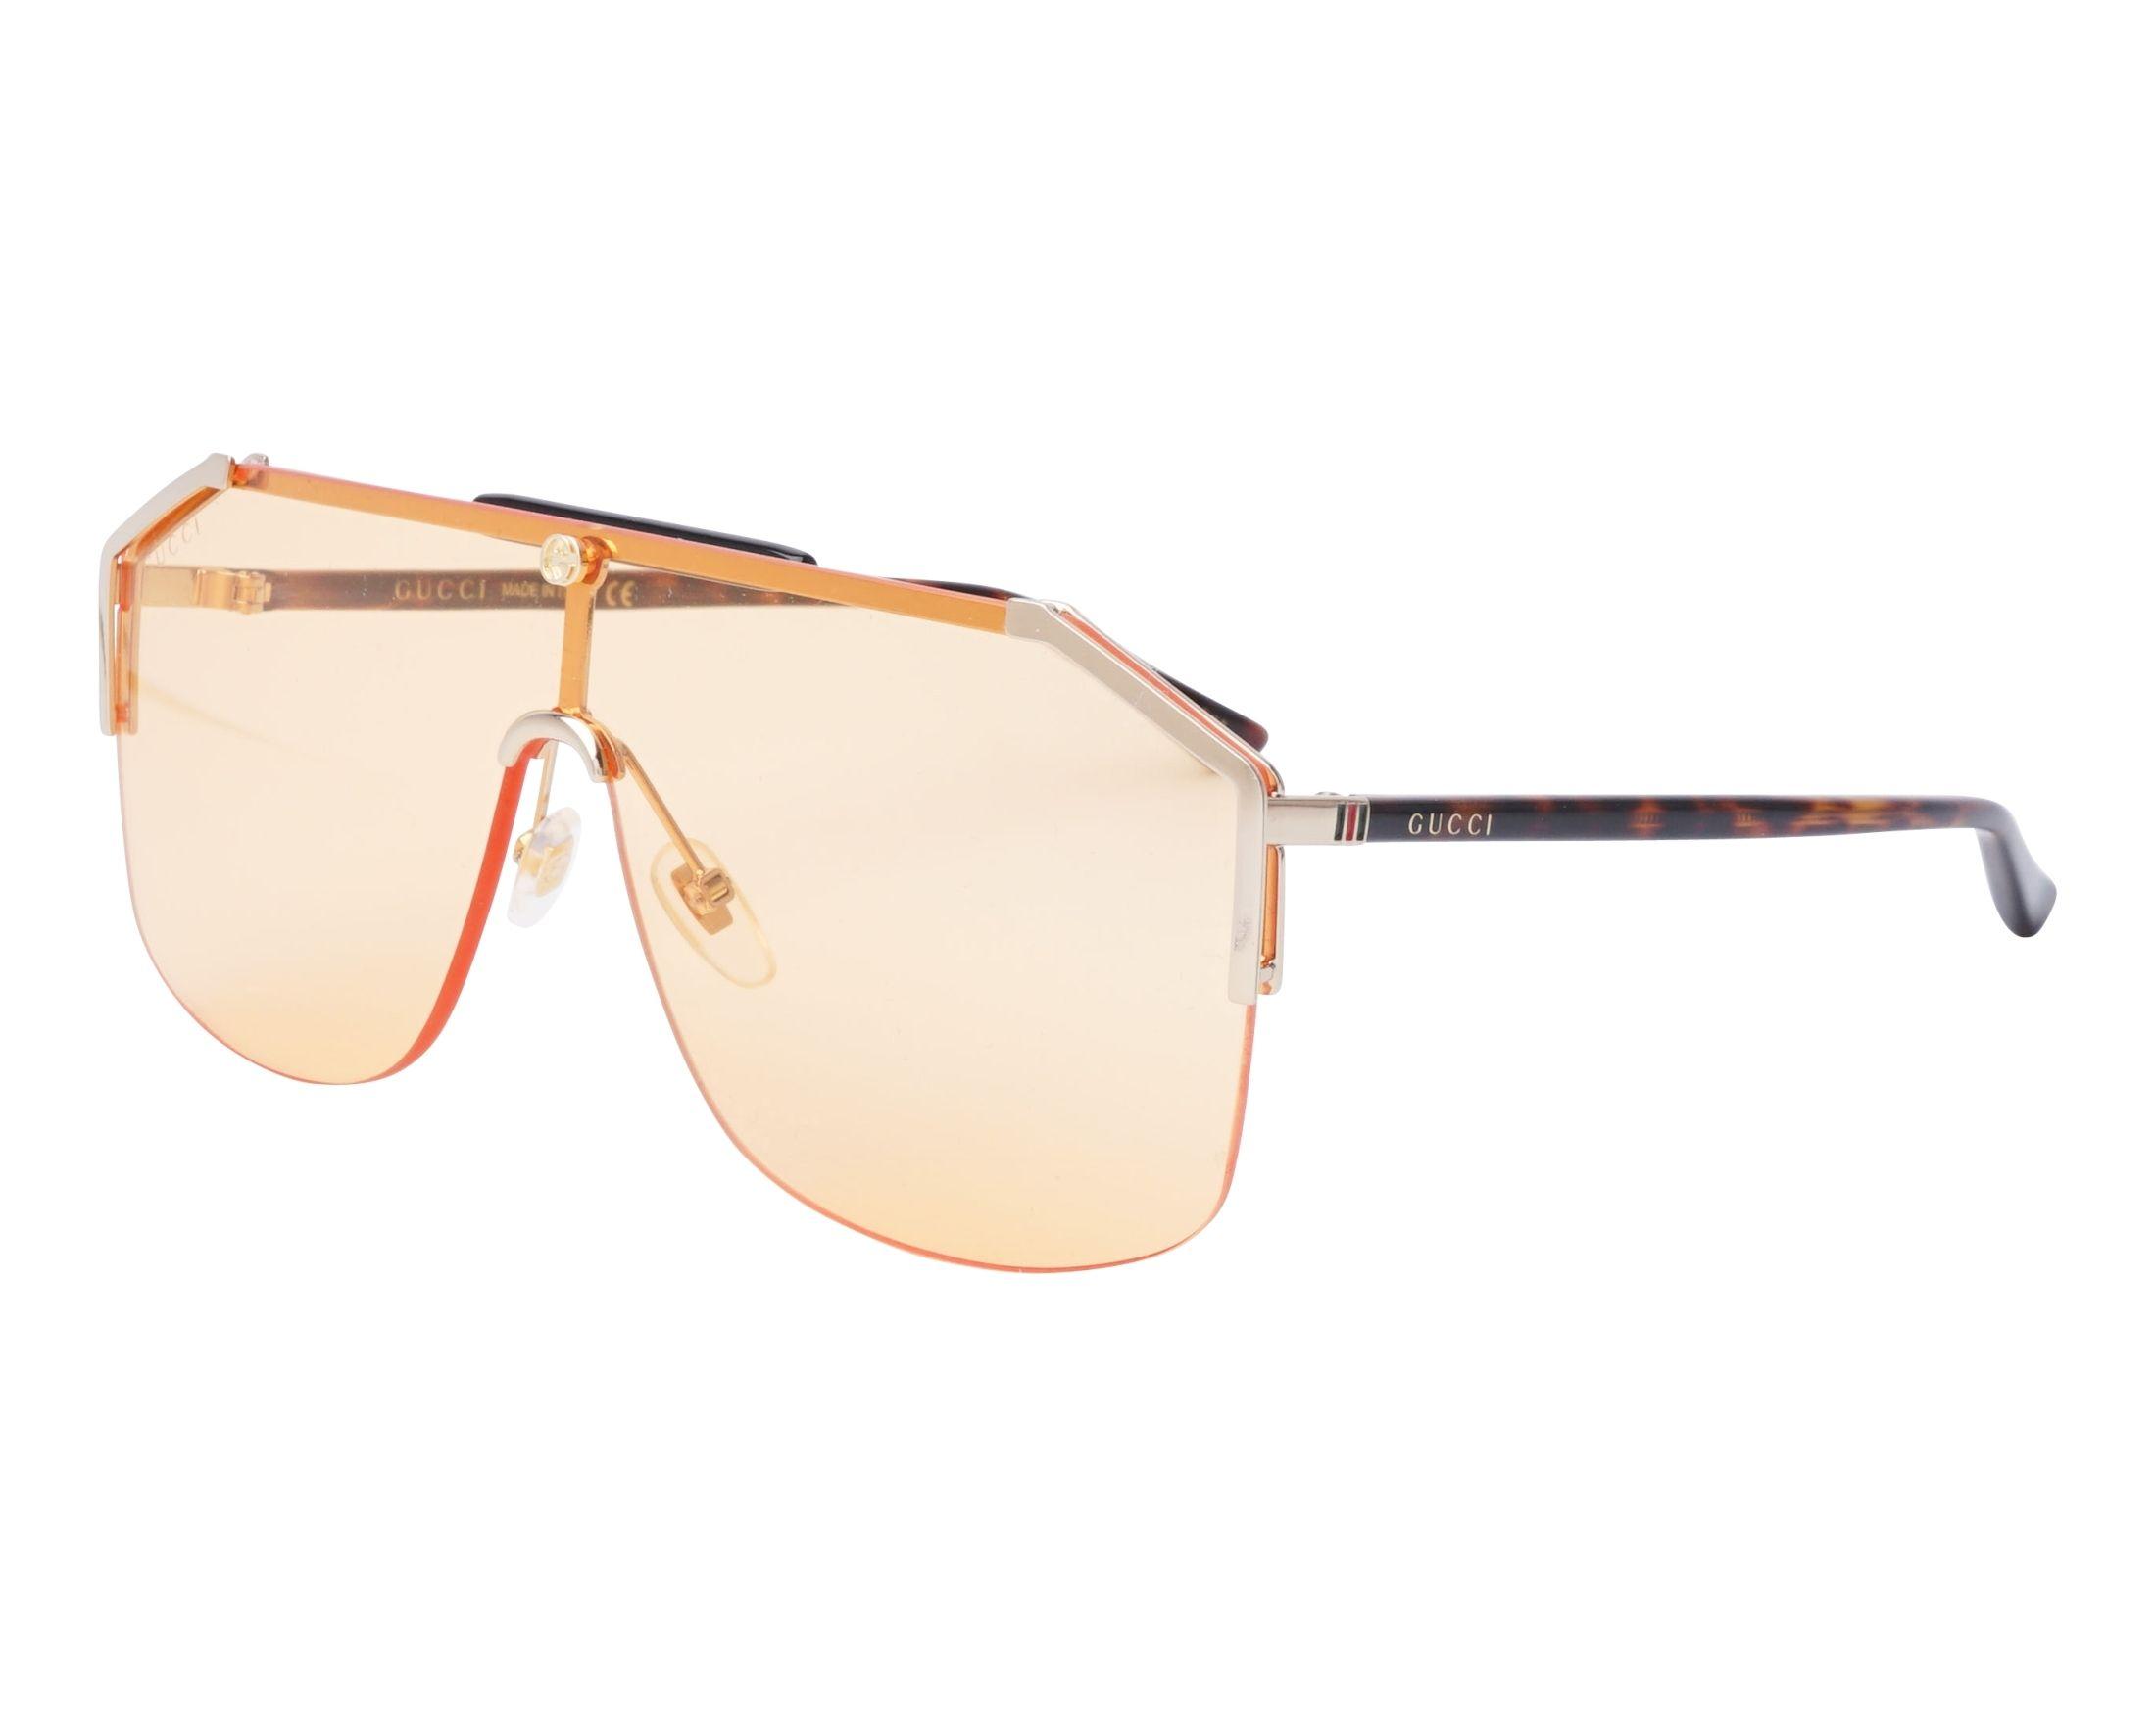 bfab6292a2d95 Gafas de sol gucci oro havana vista jpg 2200x1760 Lentes gucci